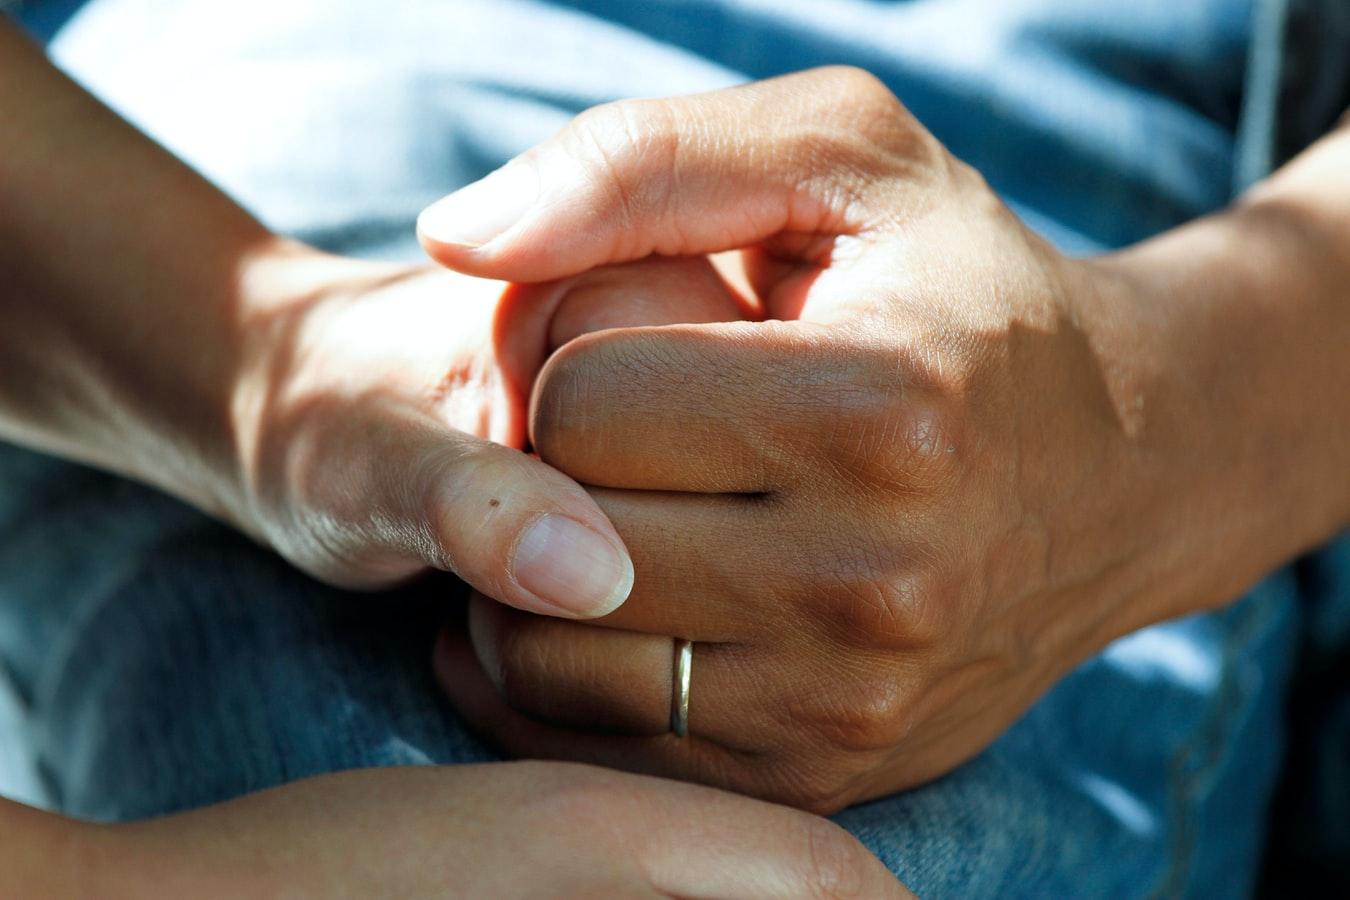 GRÜNE fordern zügige Verbesserungen in der ambulanten Pflege